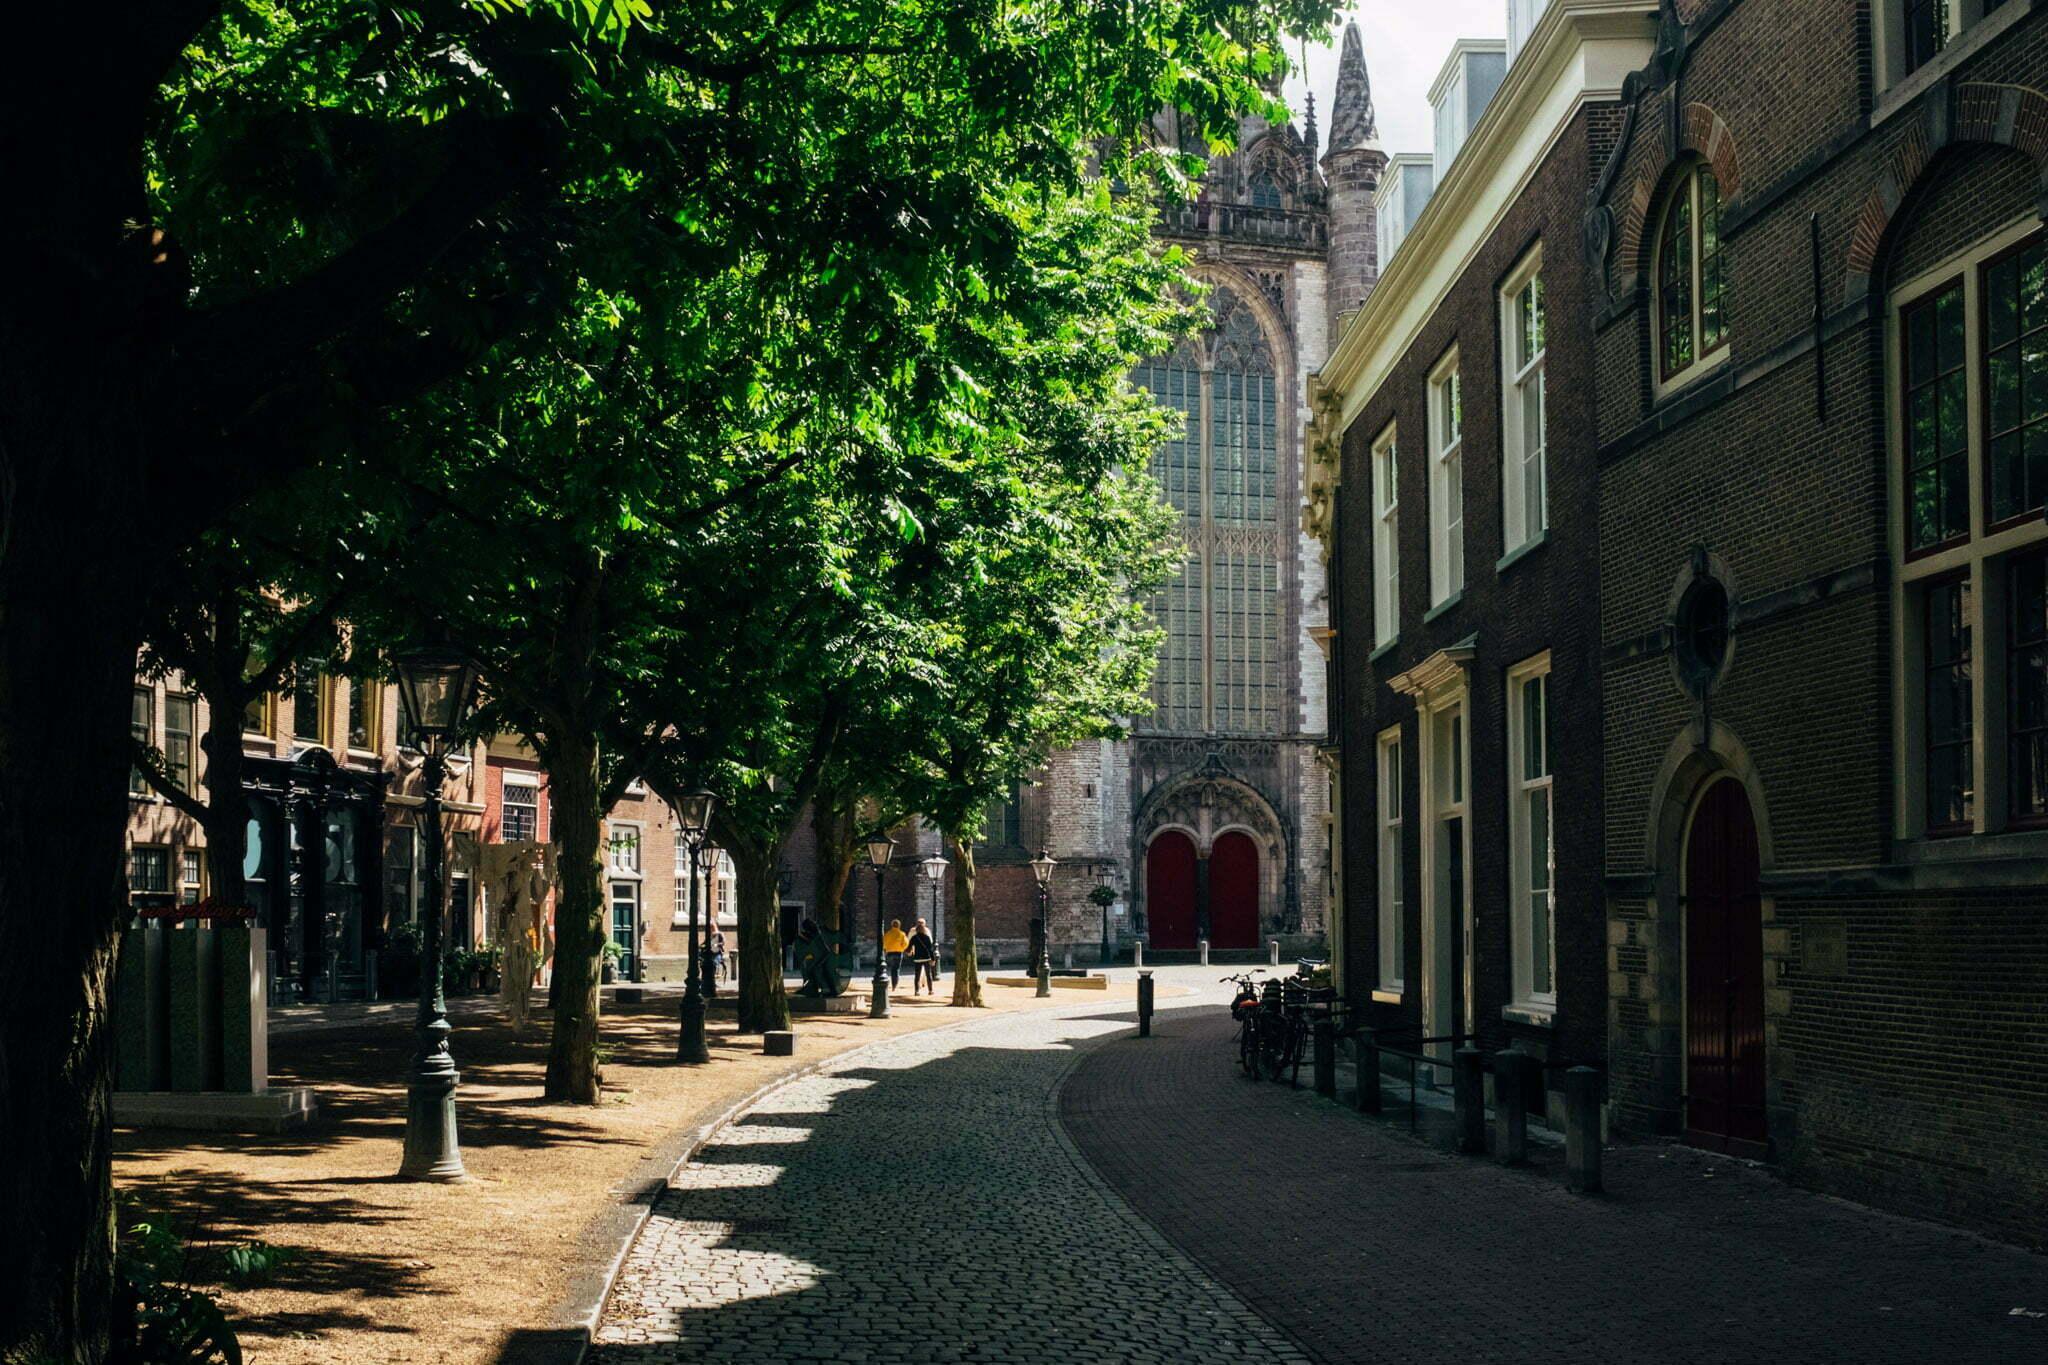 leiden-netherlands-2338-pete-carr